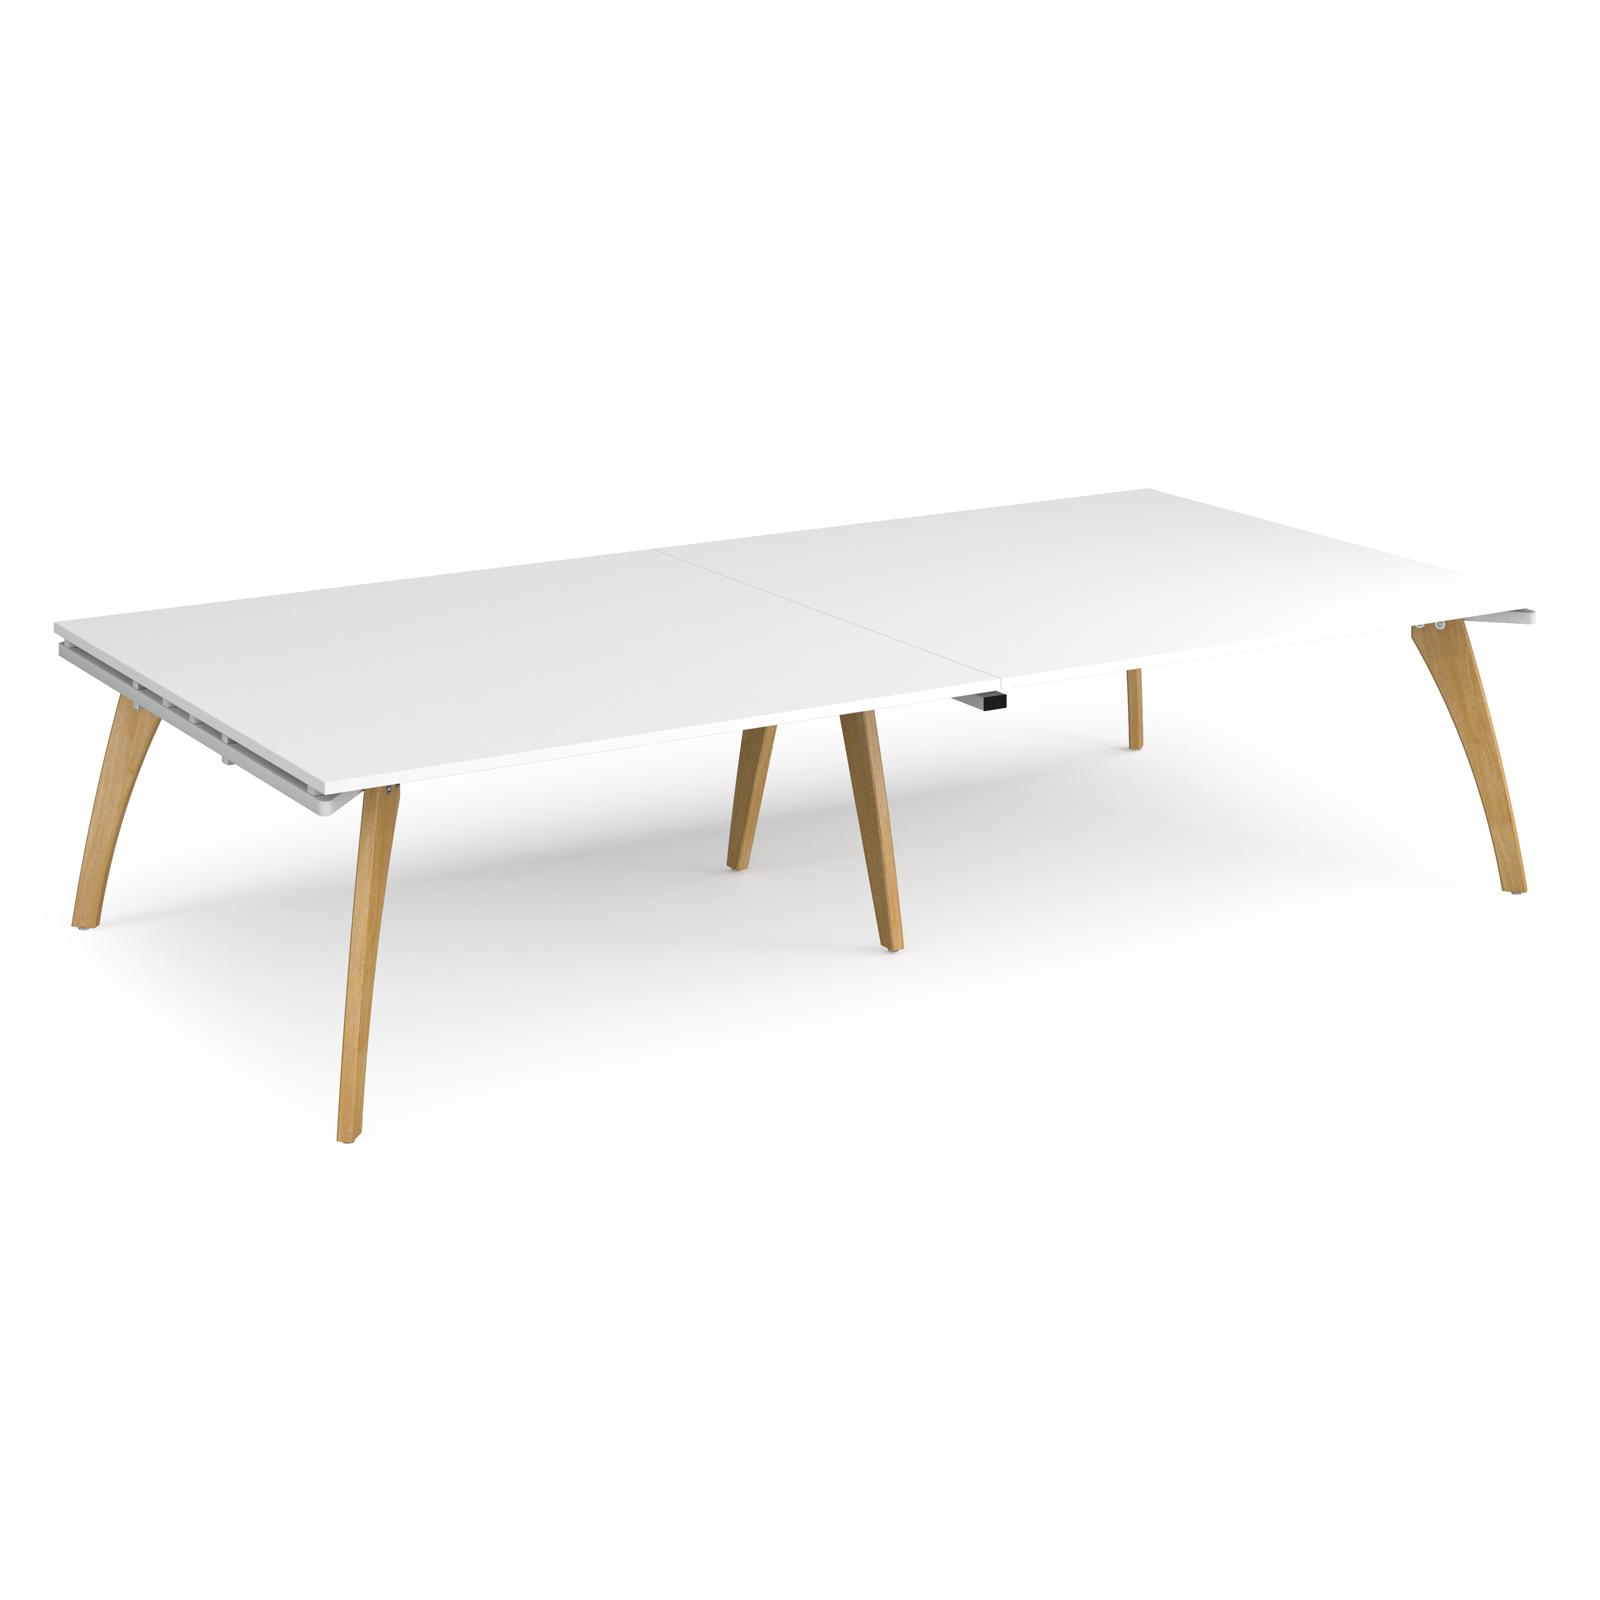 Fuze rectangular boardroom table 3200mm x 1600mm - white frame, white top